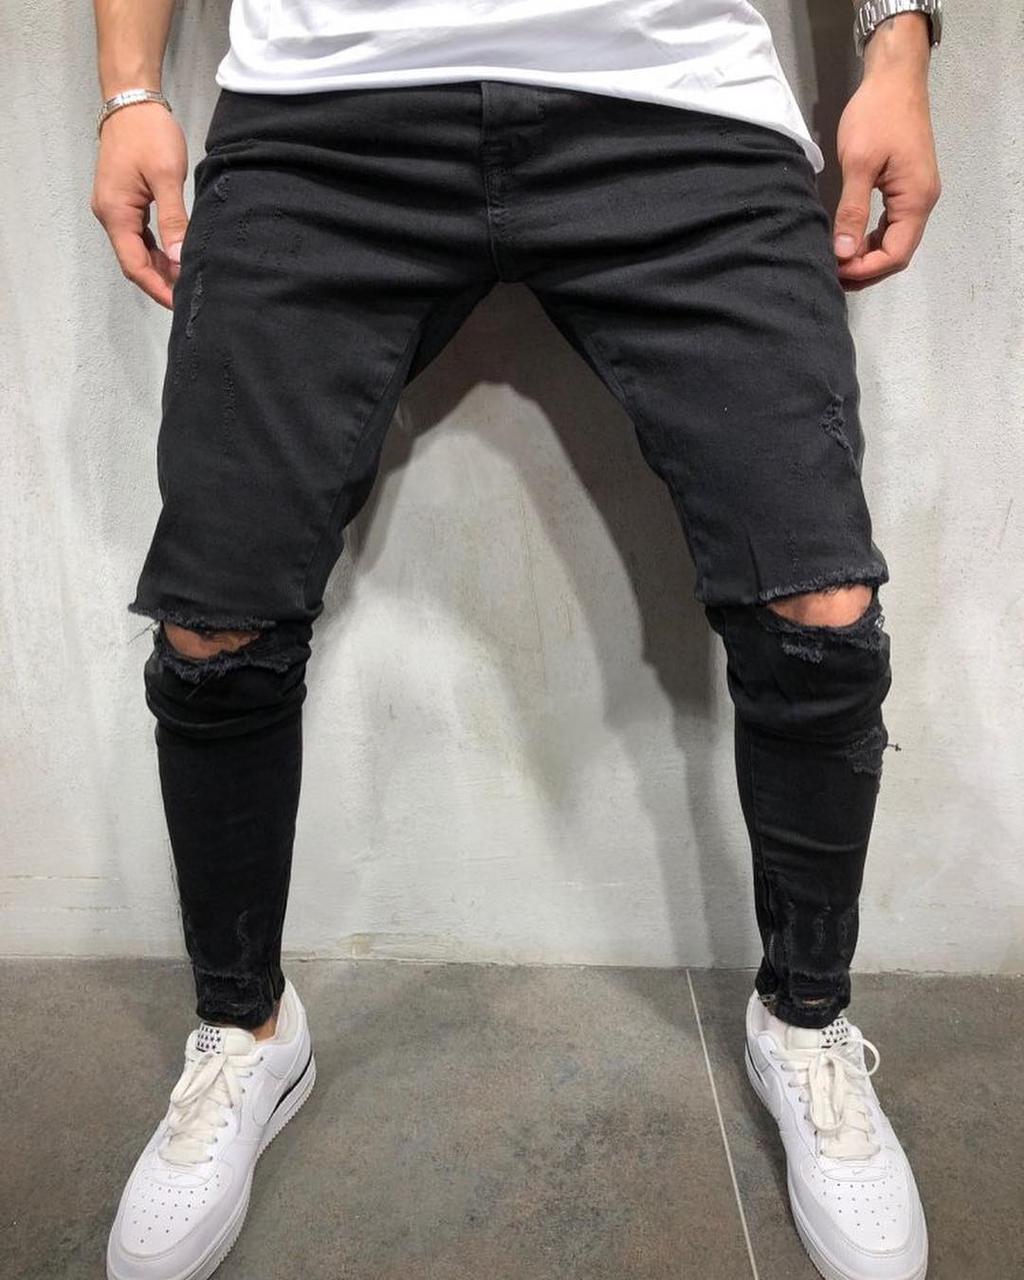 e8c94cedfa0 Мужские джинсы с дырками на коленях (рваные джинсы) черные зауженные -  Krossovki в Киеве